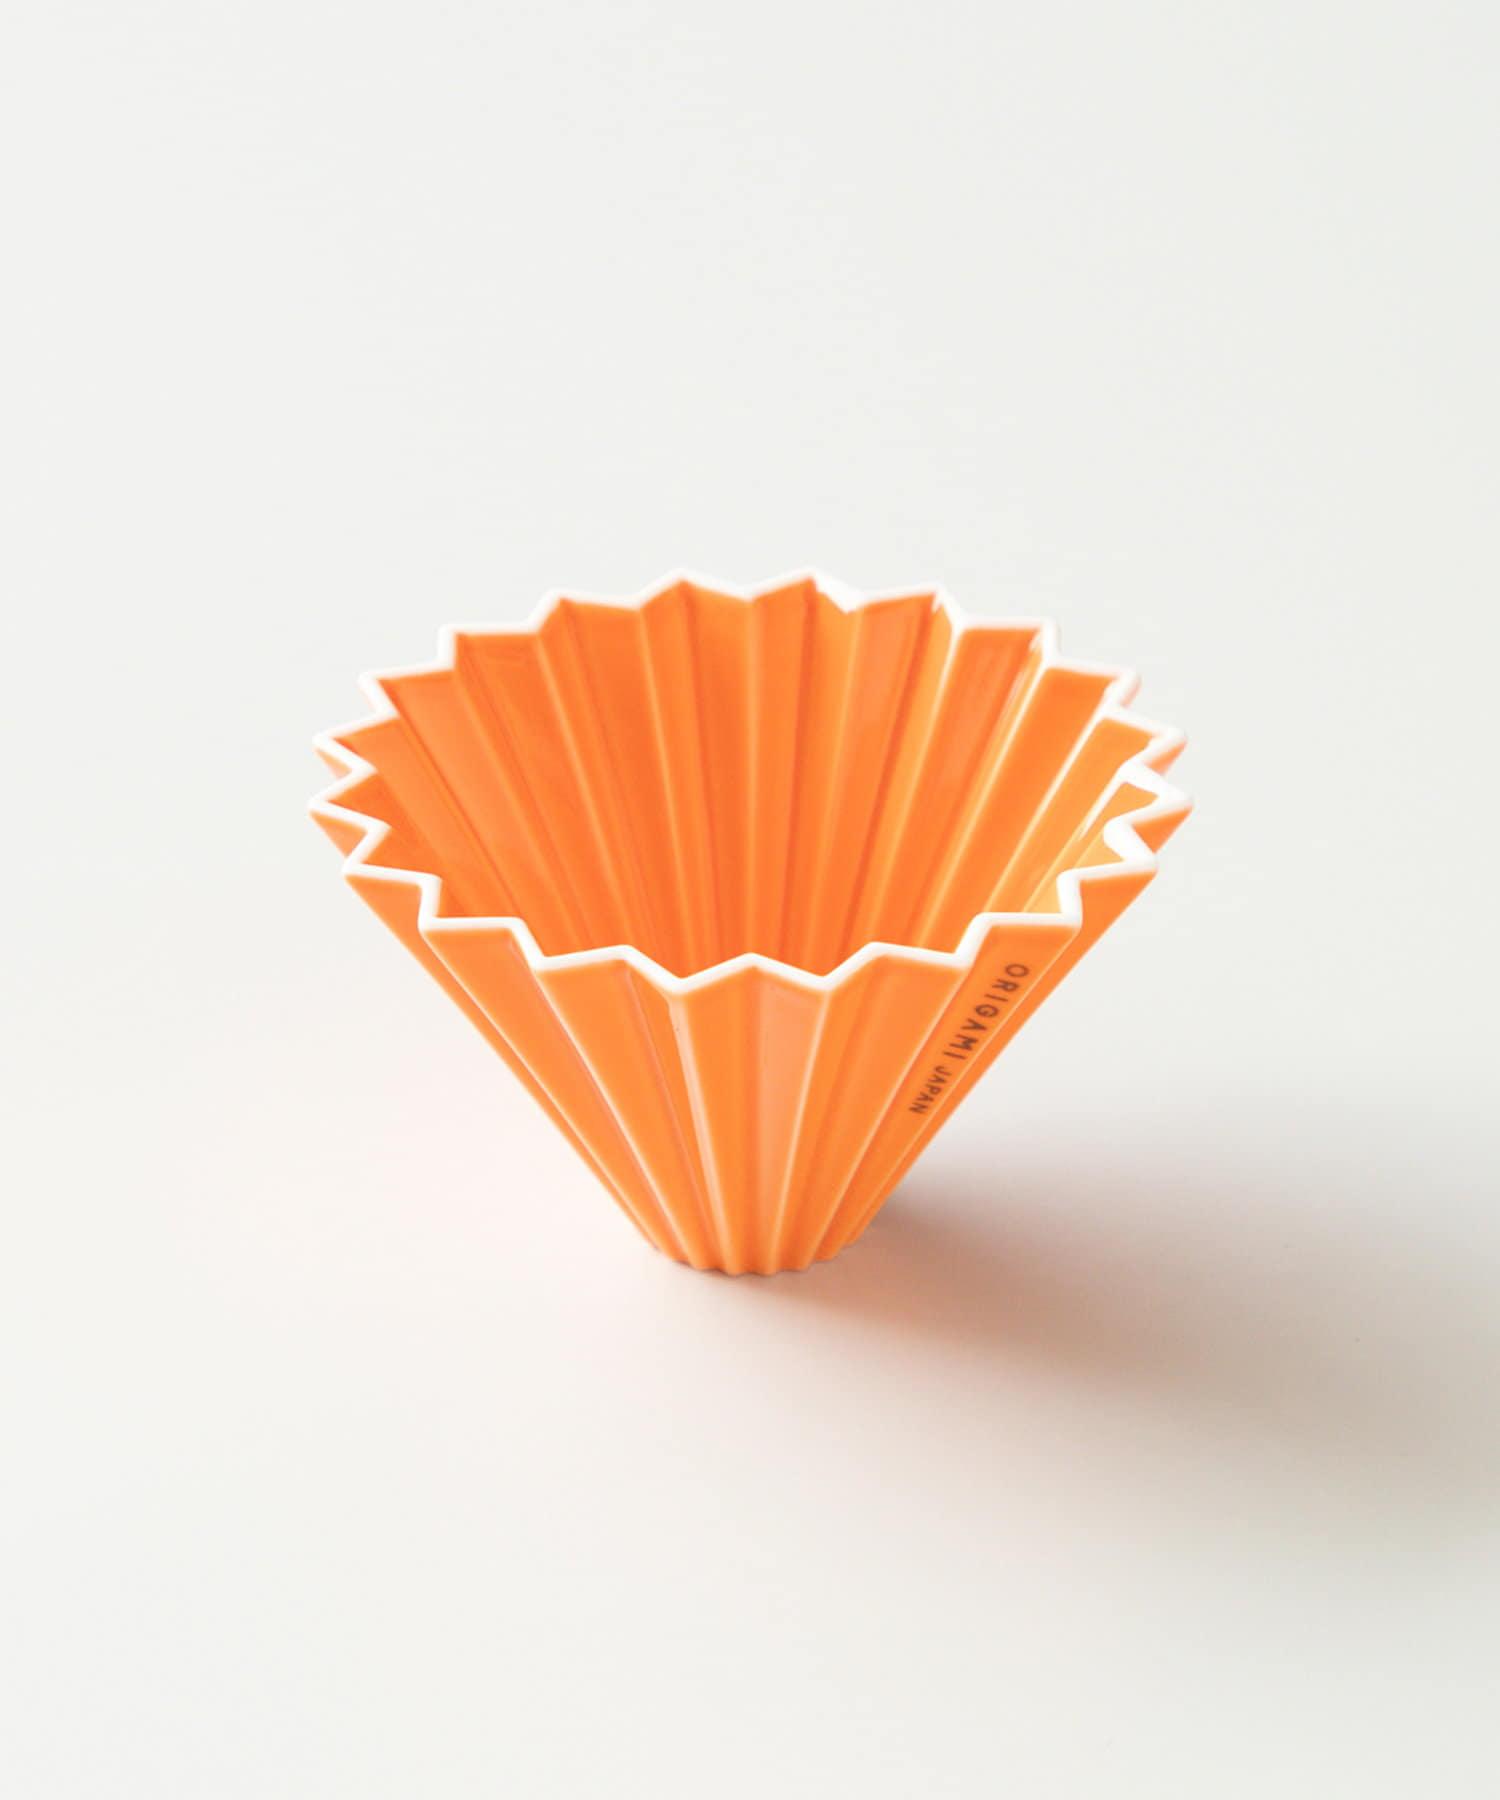 CIAOPANIC TYPY(チャオパニックティピー) ライフスタイル 【ORIGAMI/オリガミ】ドリッパーS オレンジ